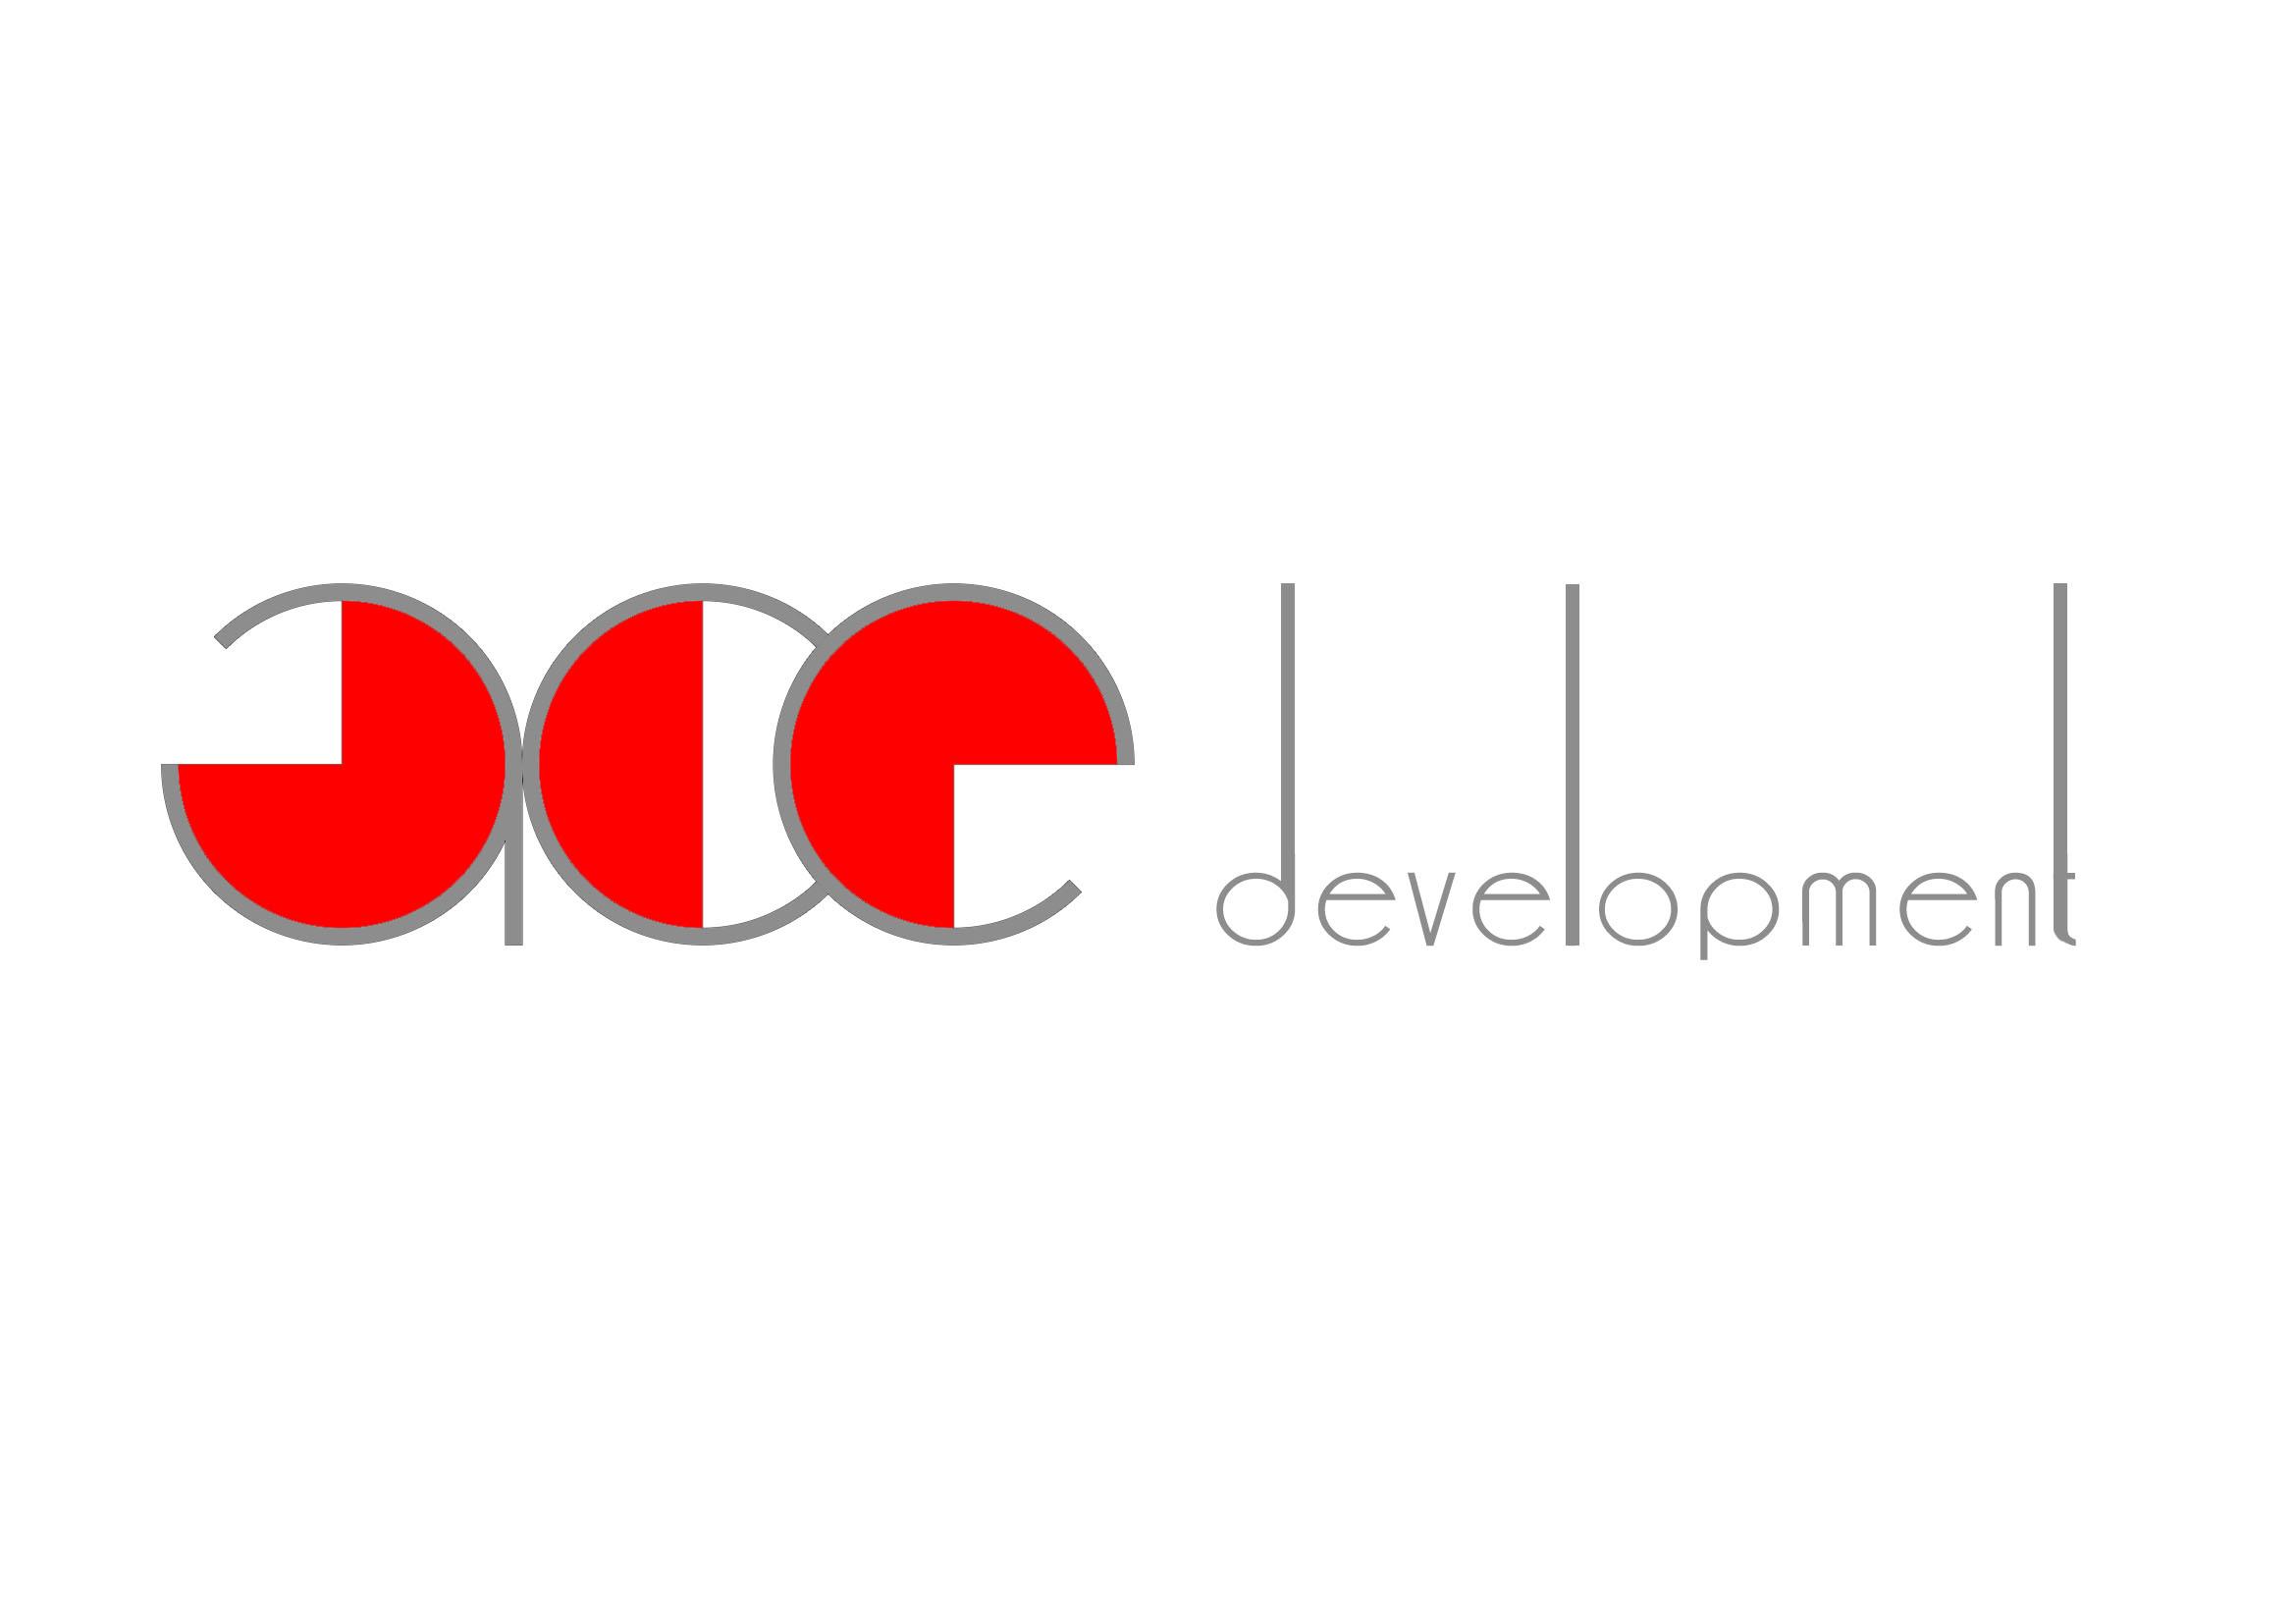 Logo Design by JR Cantos - Entry No. 80 in the Logo Design Contest Fun Logo Design for Ace development.